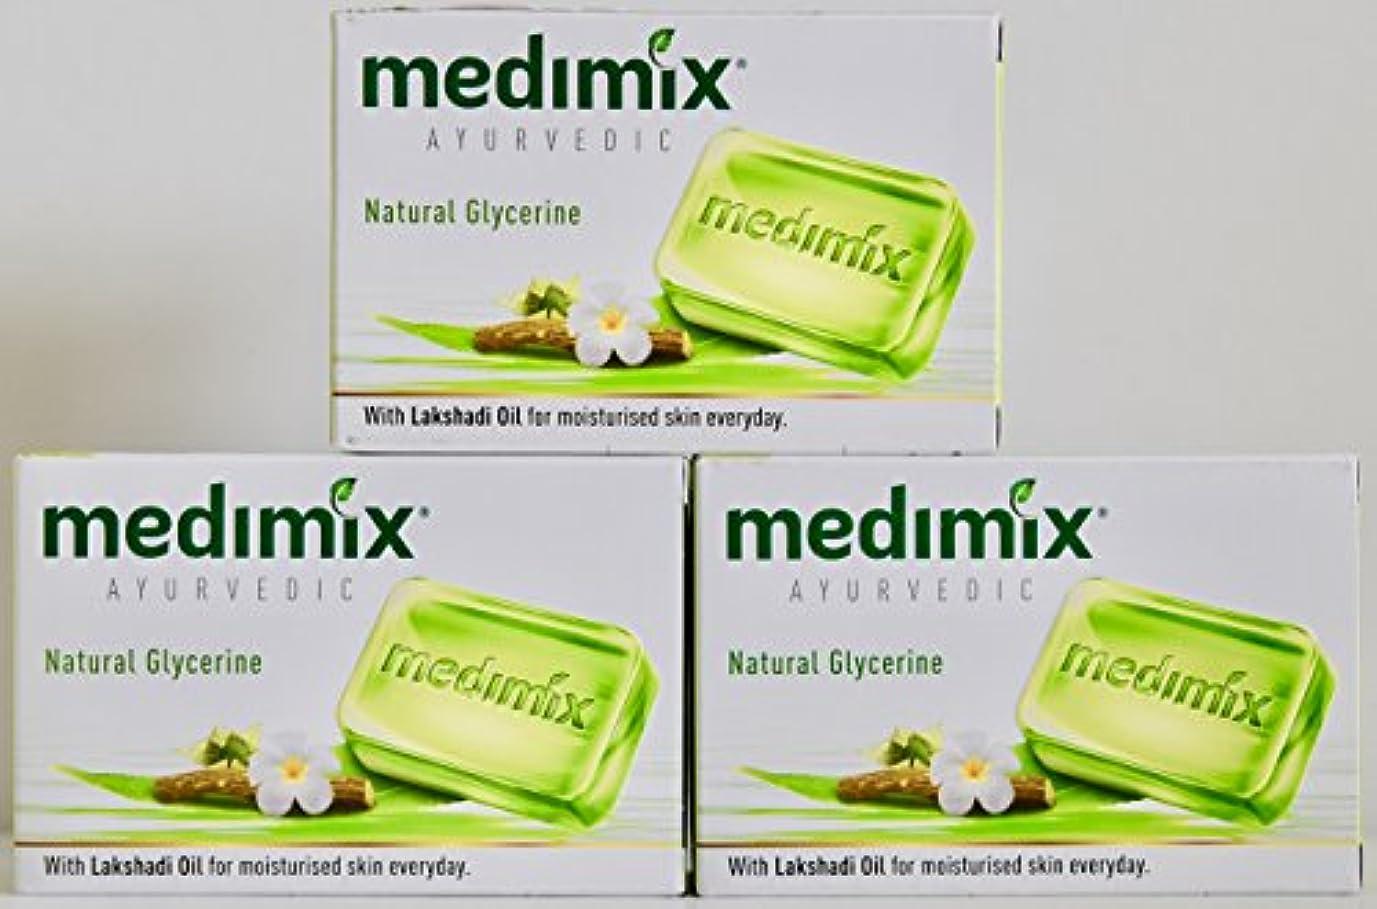 インタビューグレートオークインレイMEDIMIX メディミックス アーユルヴェディック ナチュラルグリセリン 3個入り  125g